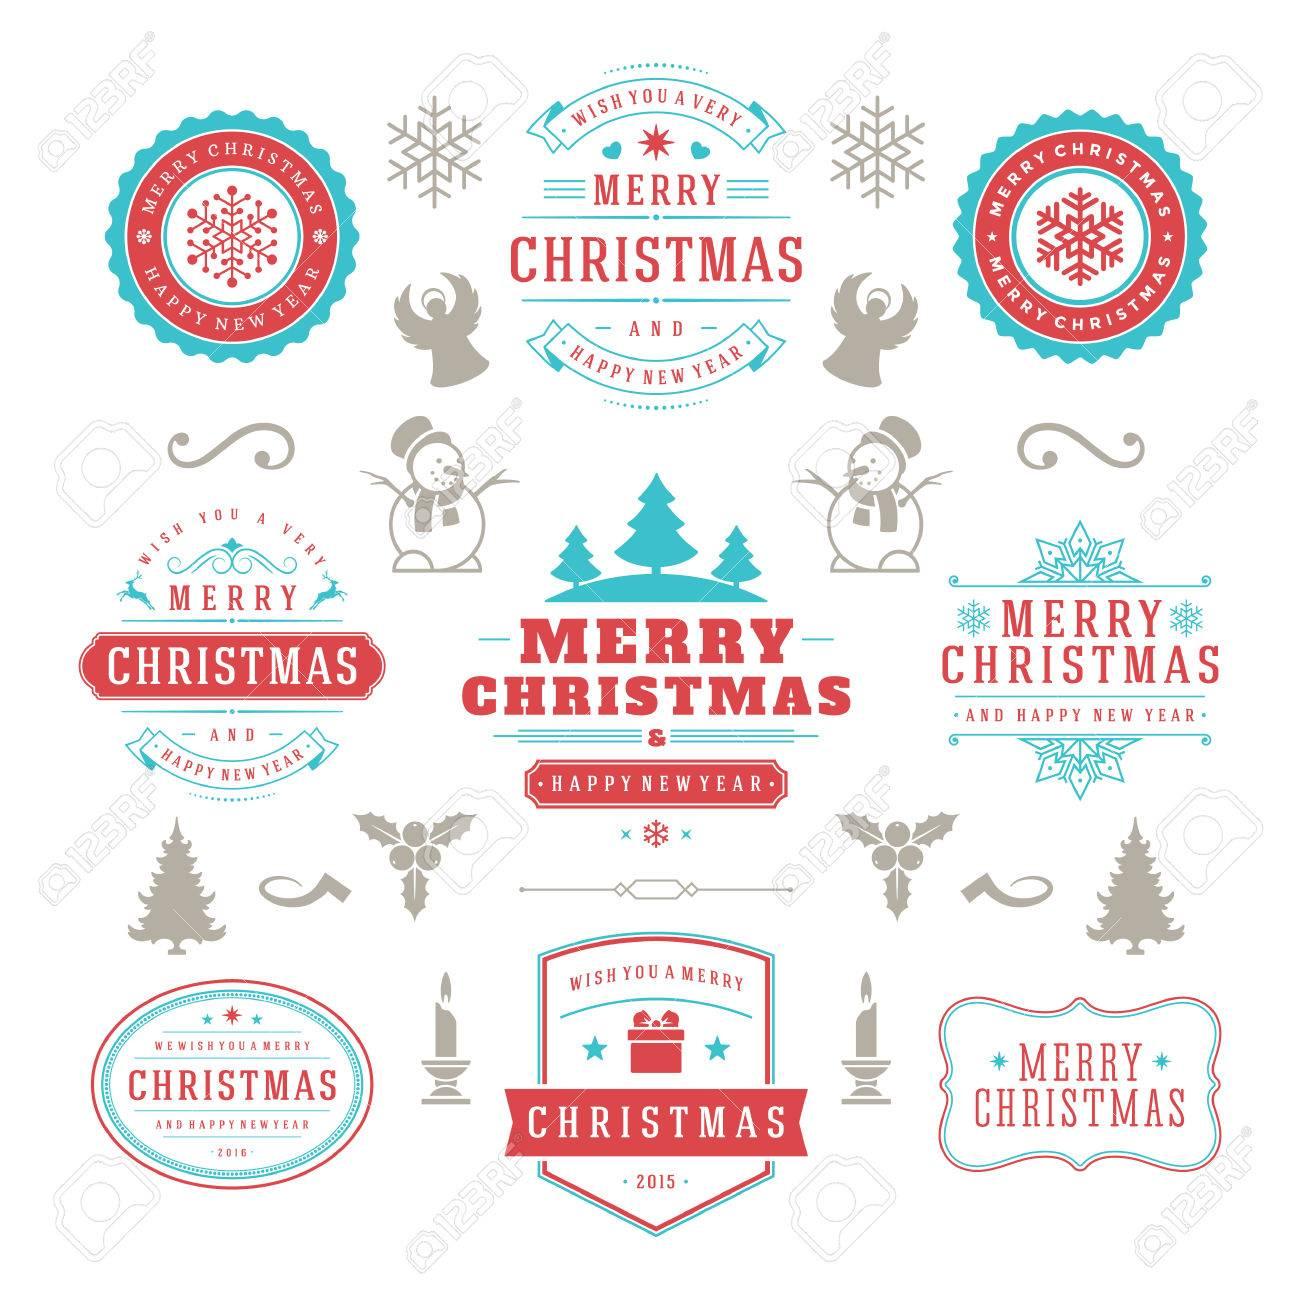 Frohe Weihnachten Und Ein Frohes Neues Jahr Wünscht Typographic ...